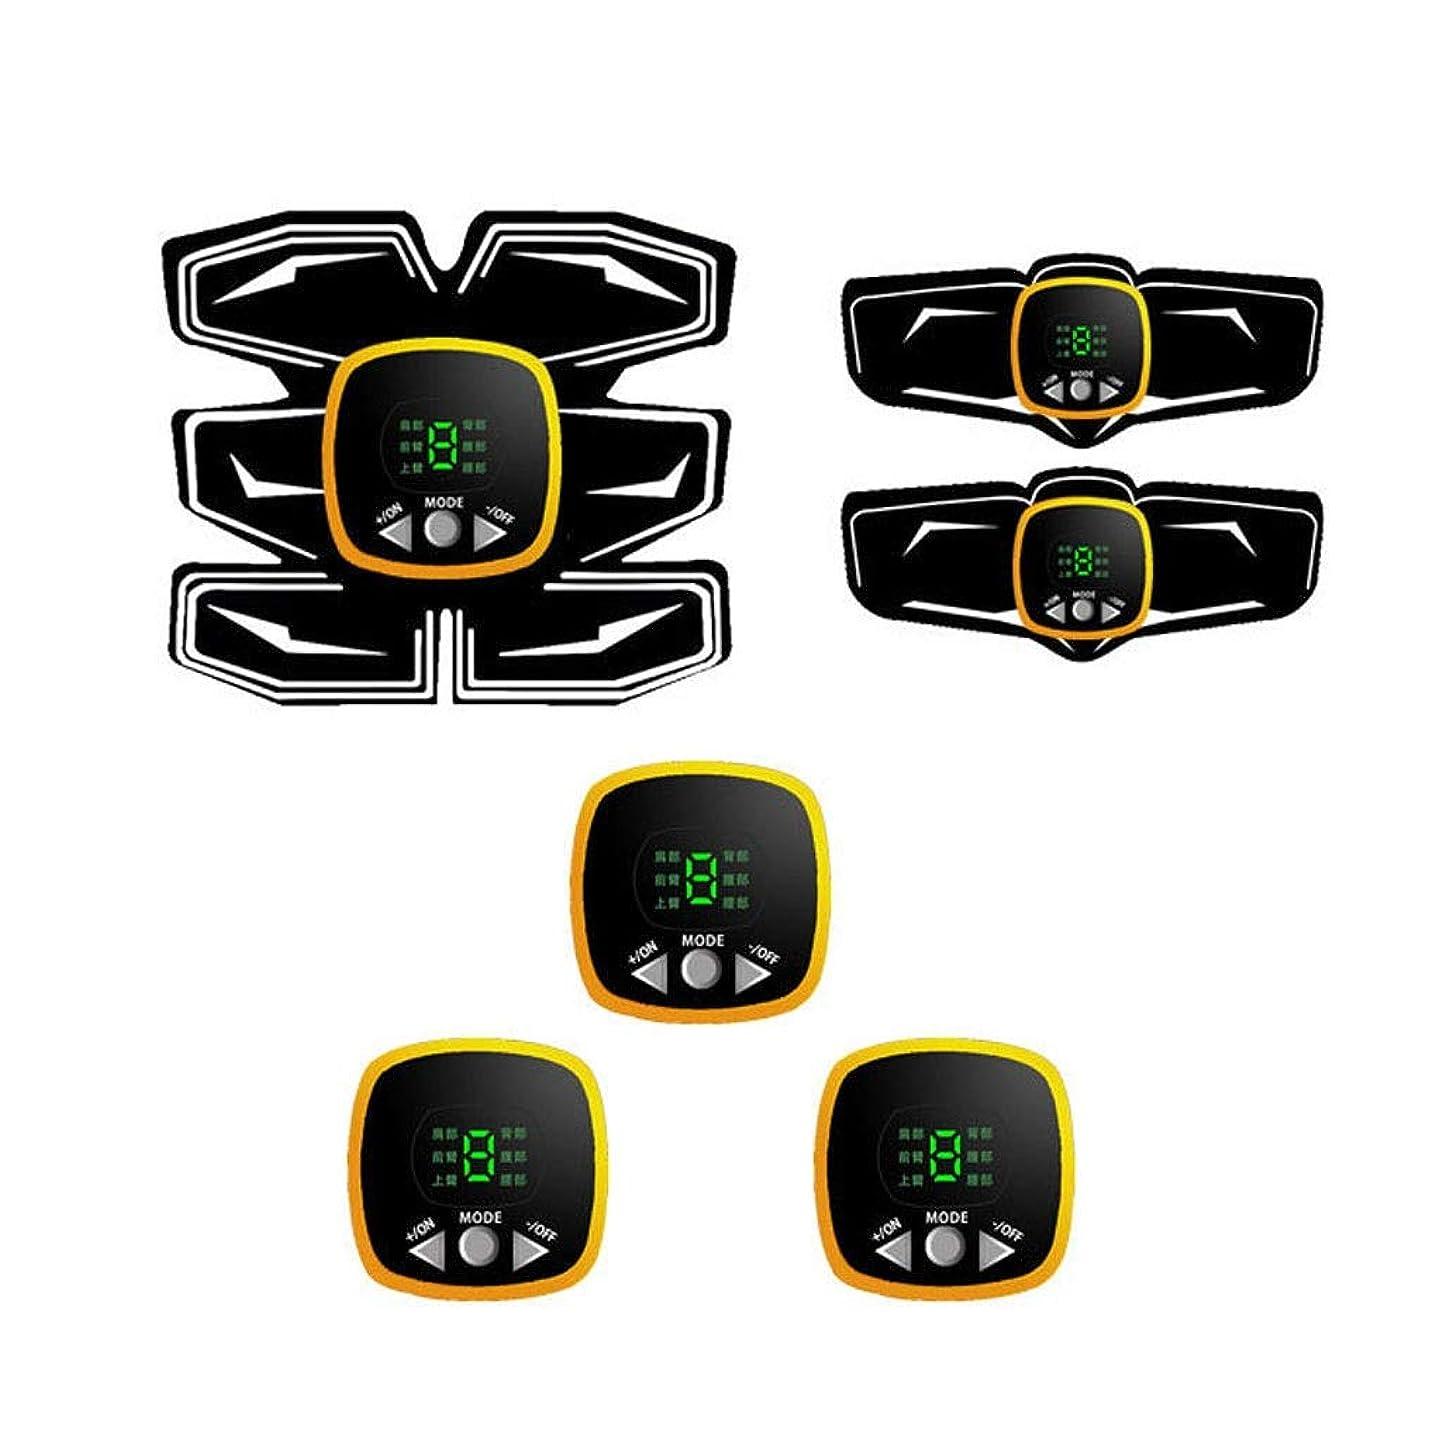 信頼カップ現像ABSトレーナーEMS腹部電気マッスルスティミュレーターマッスルトナー調色ベルトフィットネストレーニングギアABSエクササイズマシンウエストトレーナーホームトレーニングフィットネス機器 (Color : Yellow)